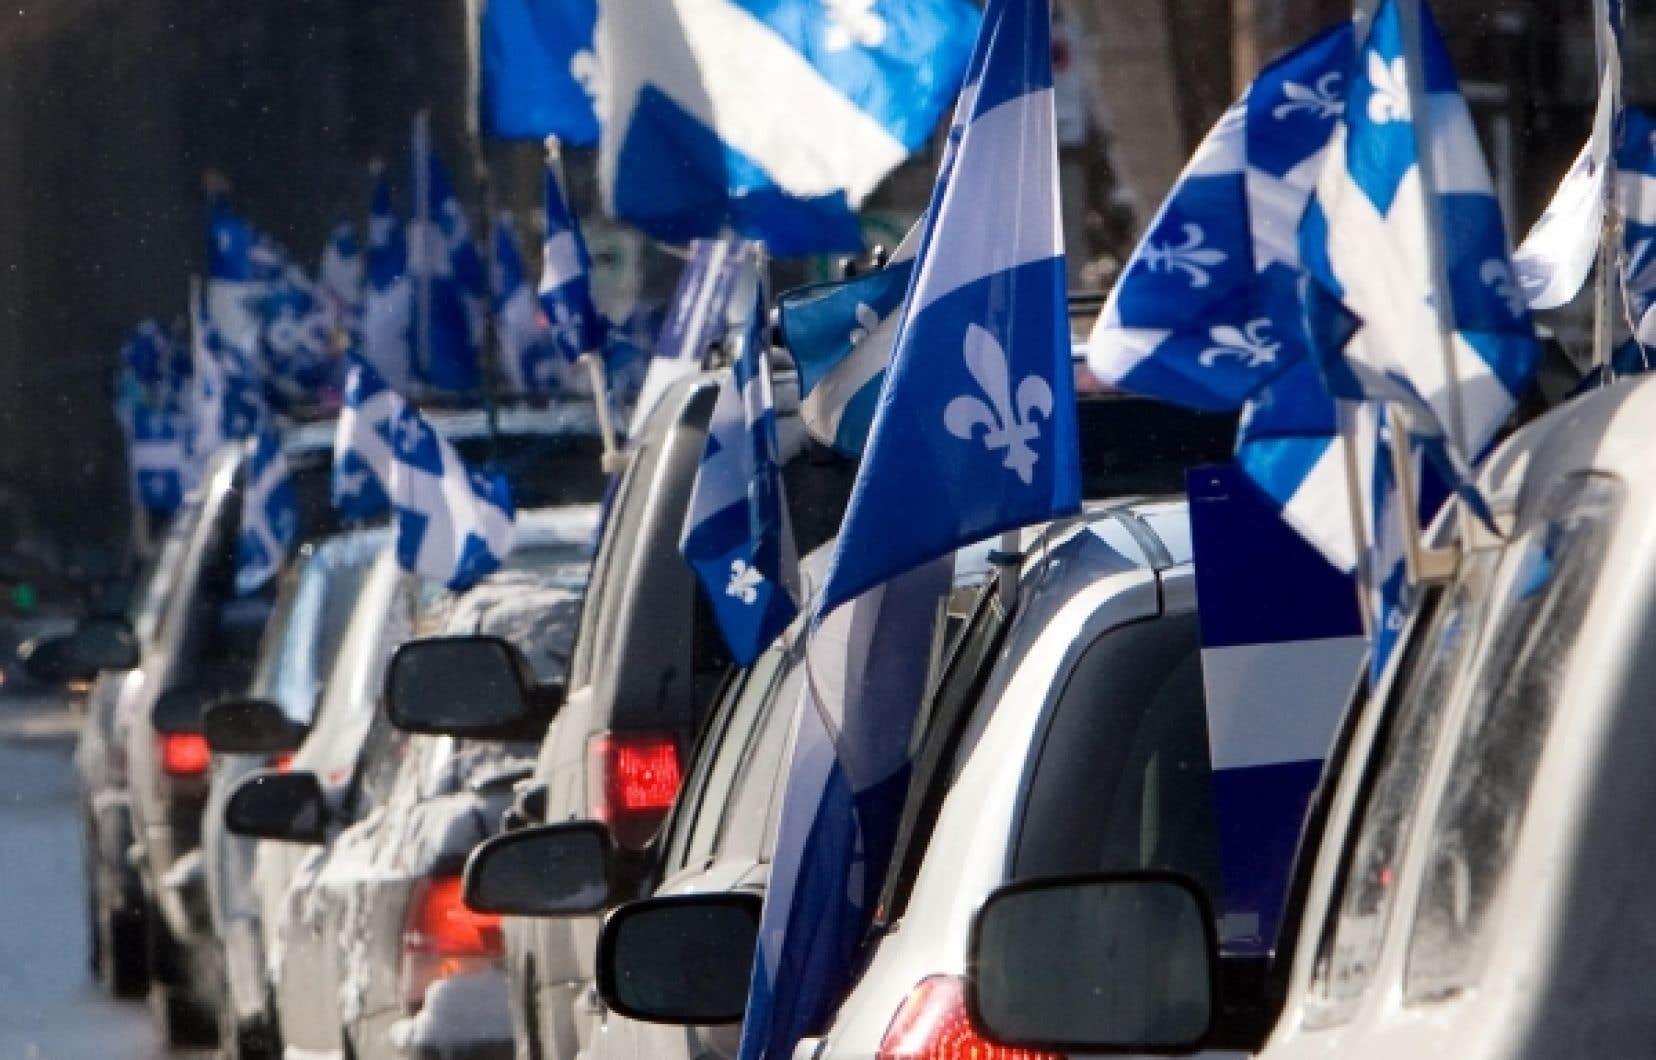 Défilé de voitures organisé par la Société Saint-Jean-Baptiste dans les rues de Montréal le 16 janvier dernier pour souligner le 63e anniversaire du drapeau québécois, qui fut hissé pour la première fois à l'Assemblée nationale le 21 janvier 1948.